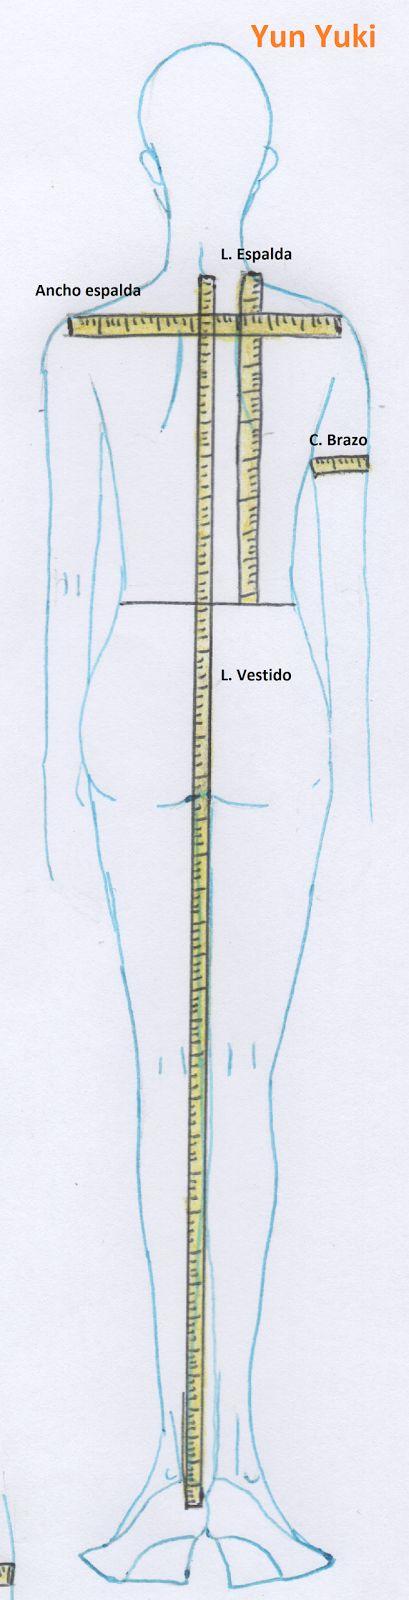 Largo pantalón / Largo falda/ Largo vestido: se mide colocando la cinta desde la cintura o bajo el cuello hasta el largo deseado, nota: ...